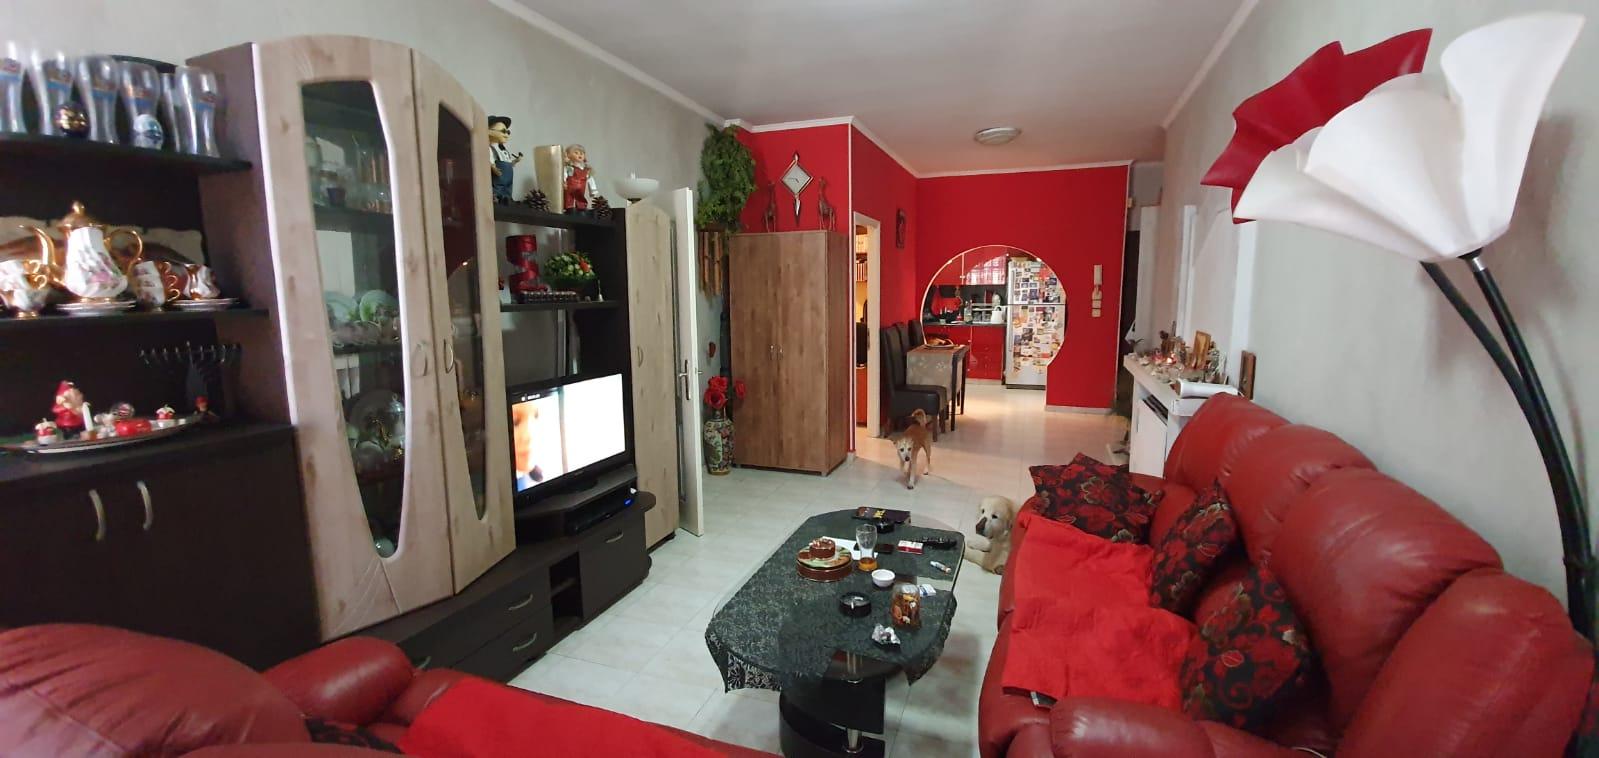 דירה למכירה 3 חדרים 1,770,000₪, בת ים